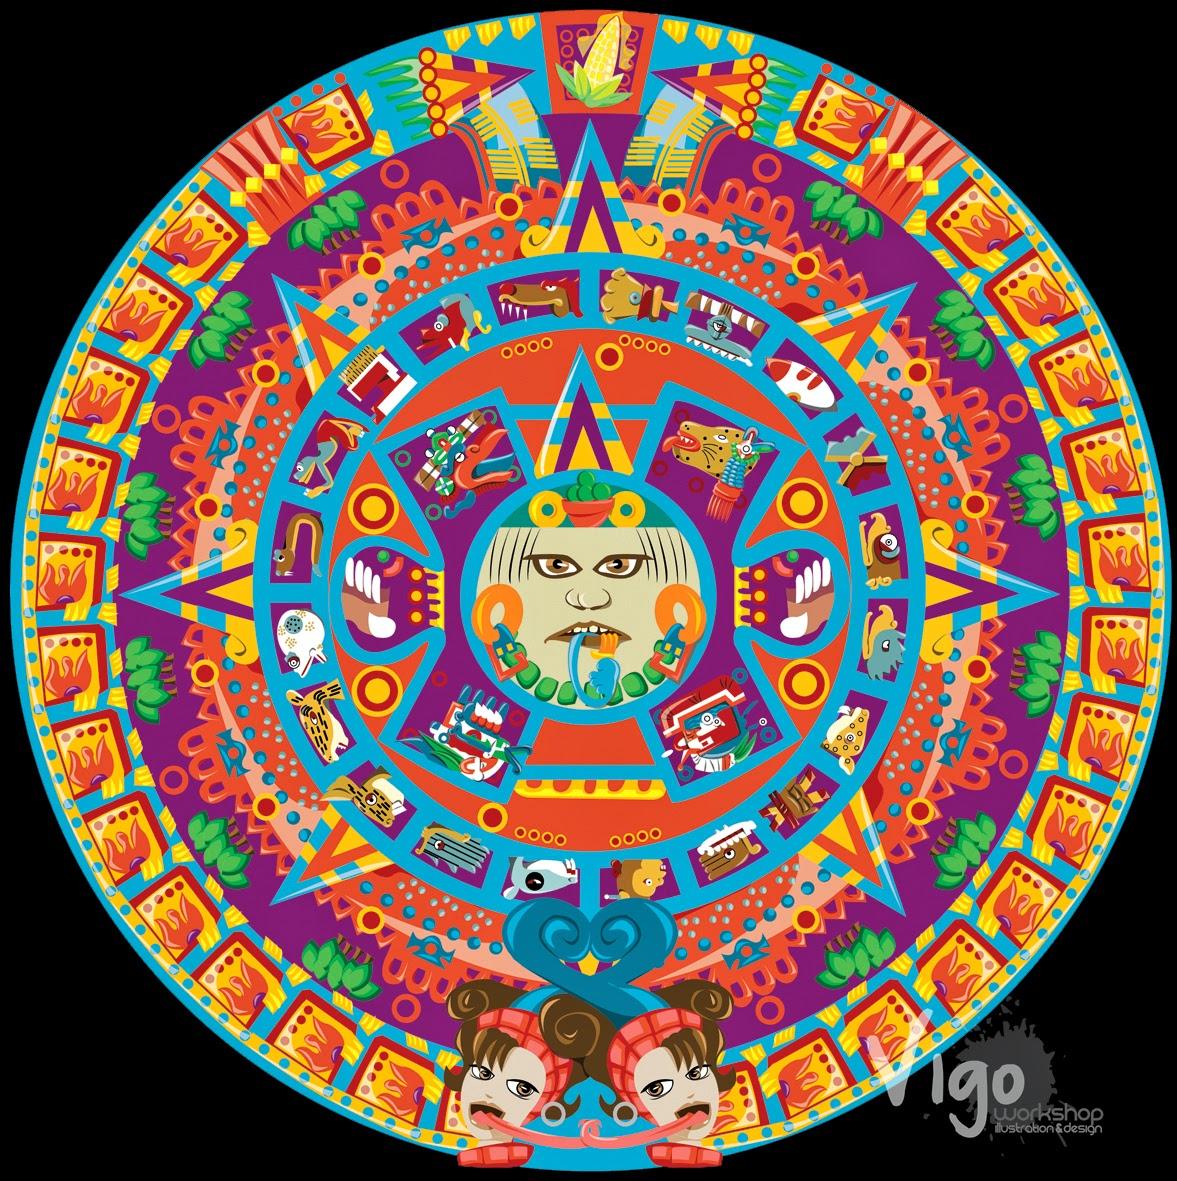 Aztec Calendar Illustration : Vigo artwork digital illustration